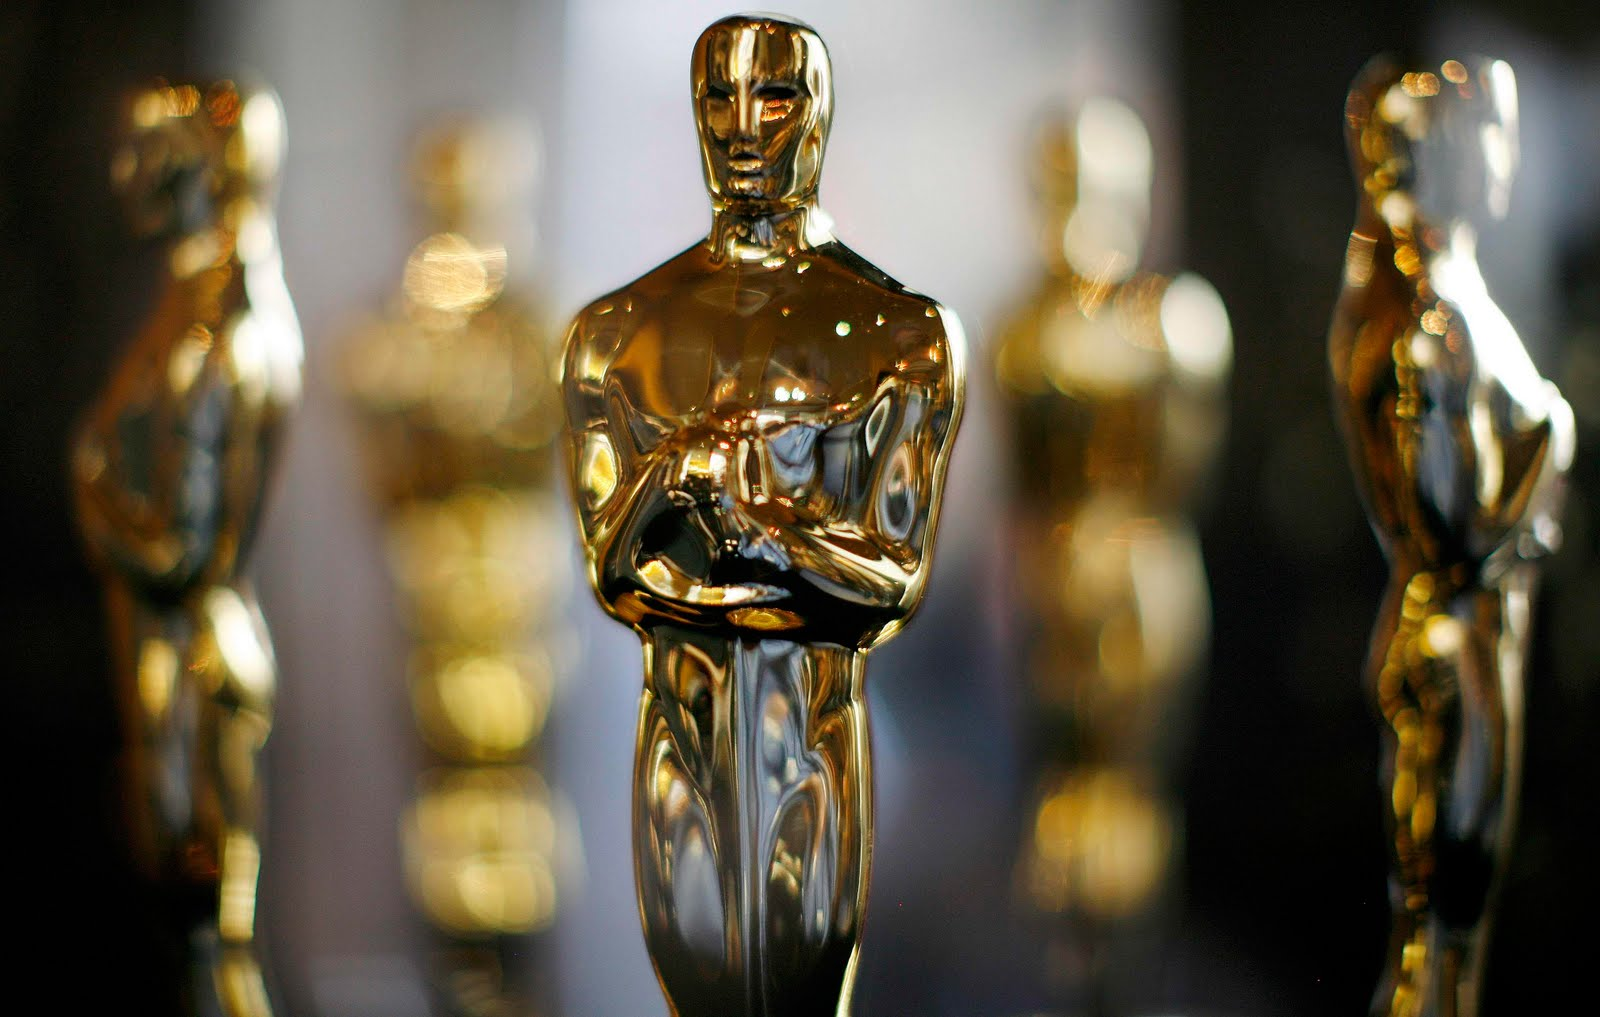 Em direto: Acompanhe o anúncio dos nomeados aos Óscares